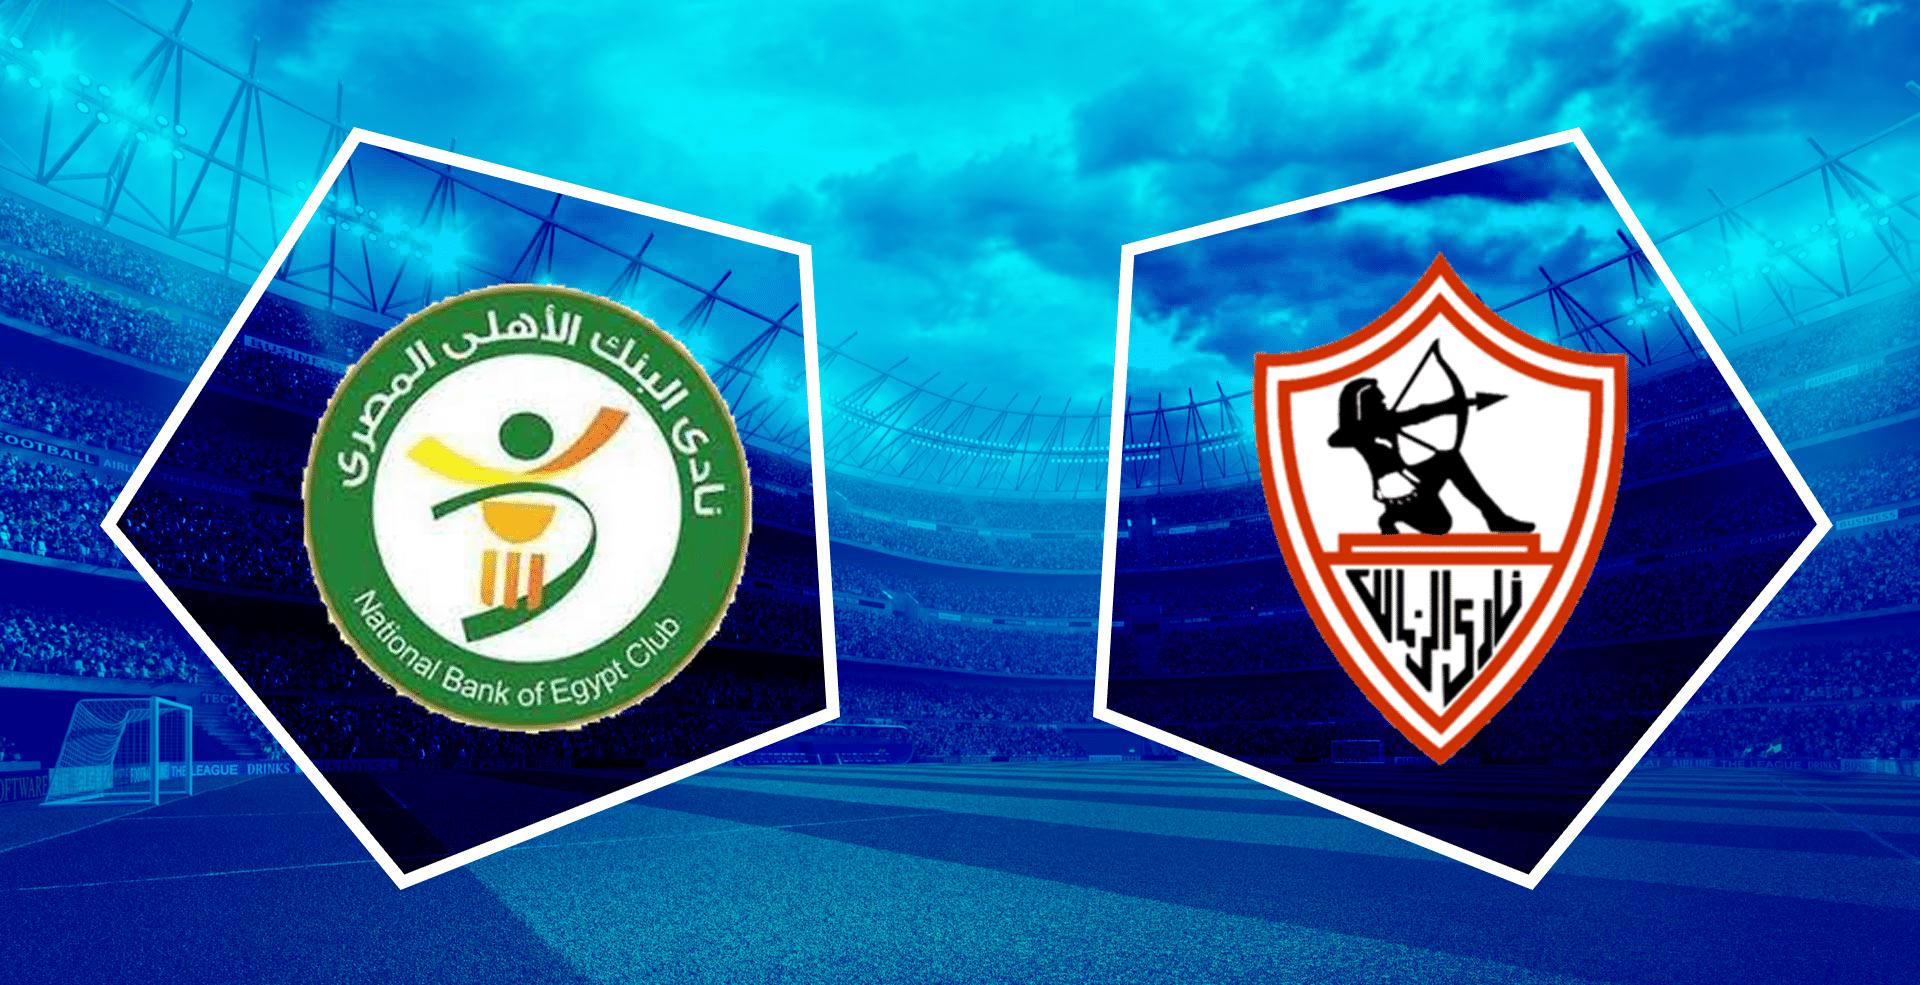 مباراة الزمالك والبنك الأهلي في الدوري المصري